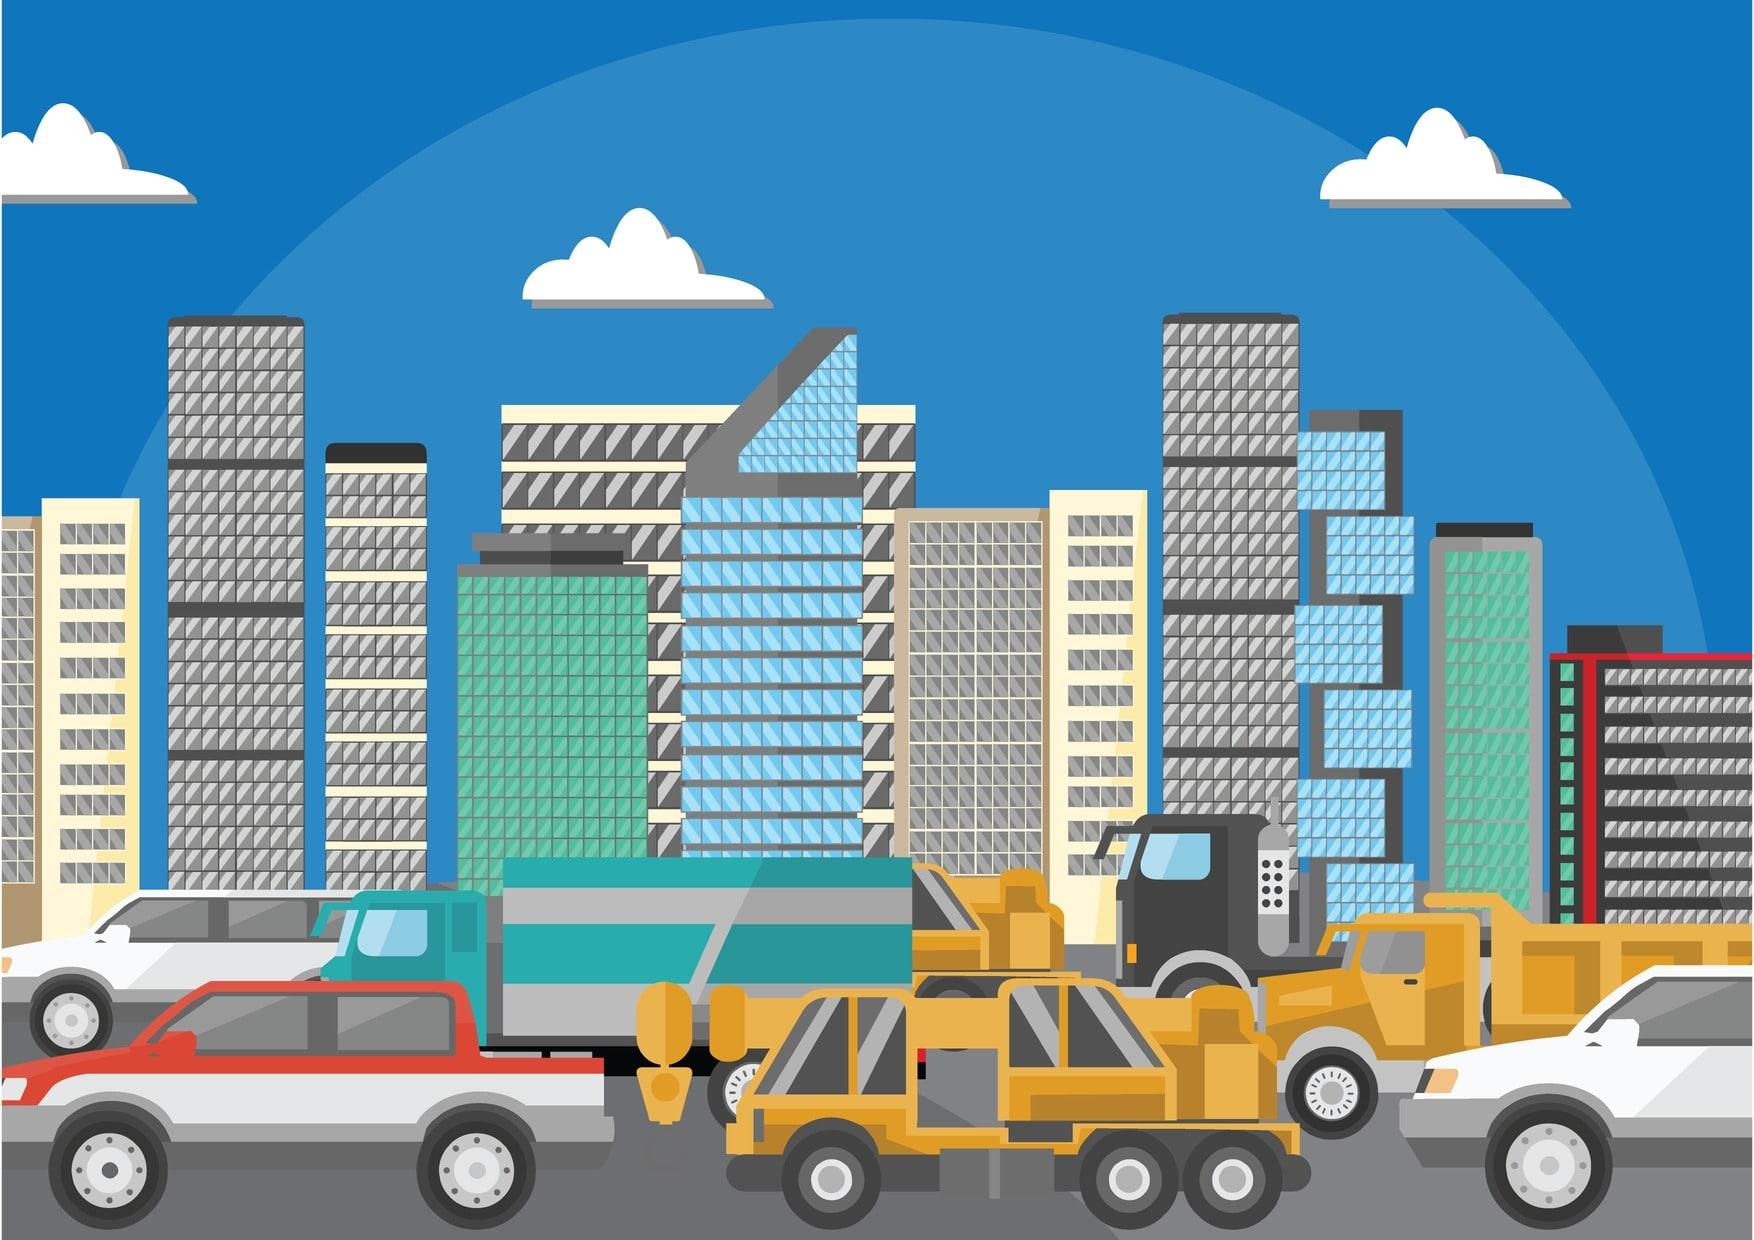 Imagen entrada 10 formas de aumentar trafico